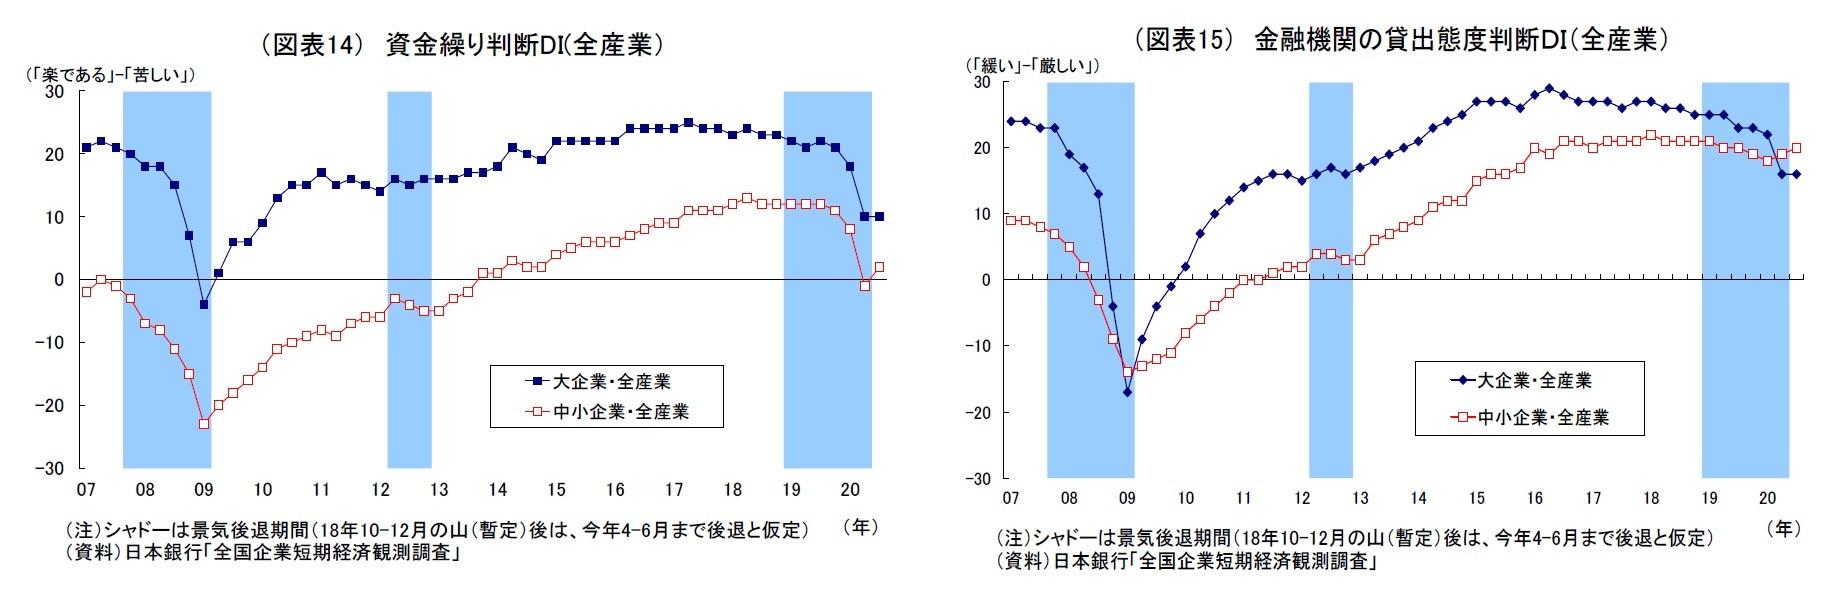 (図表14) 資金繰り判断DI(全産業)/(図表15) 金融機関の貸出態度判断DI(全産業)